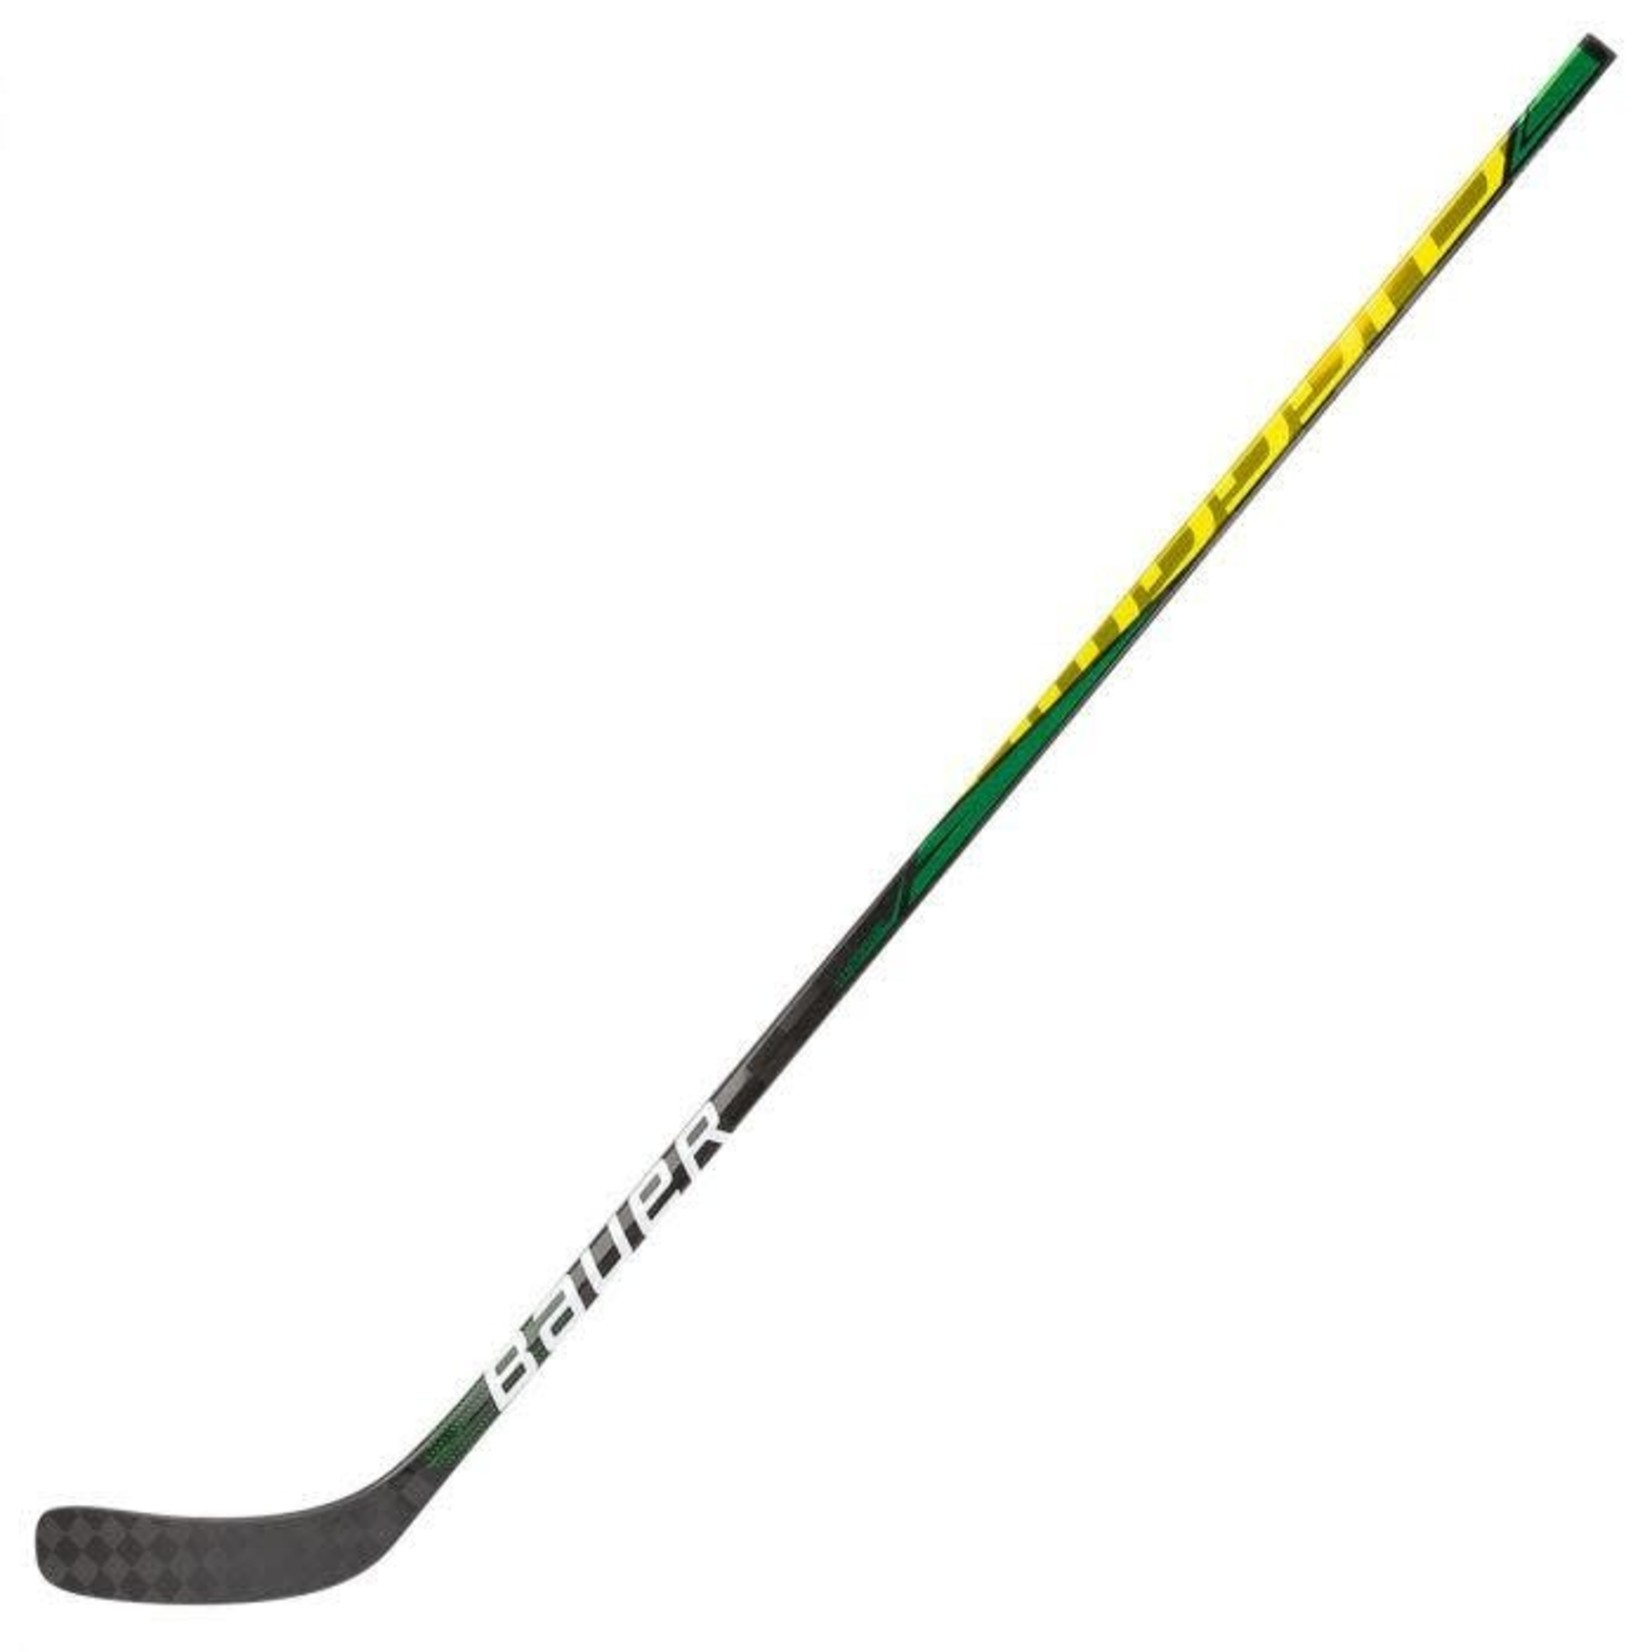 Bauer Bauer Hockey Stick, Supreme Ultrasonic, Senior, Grip